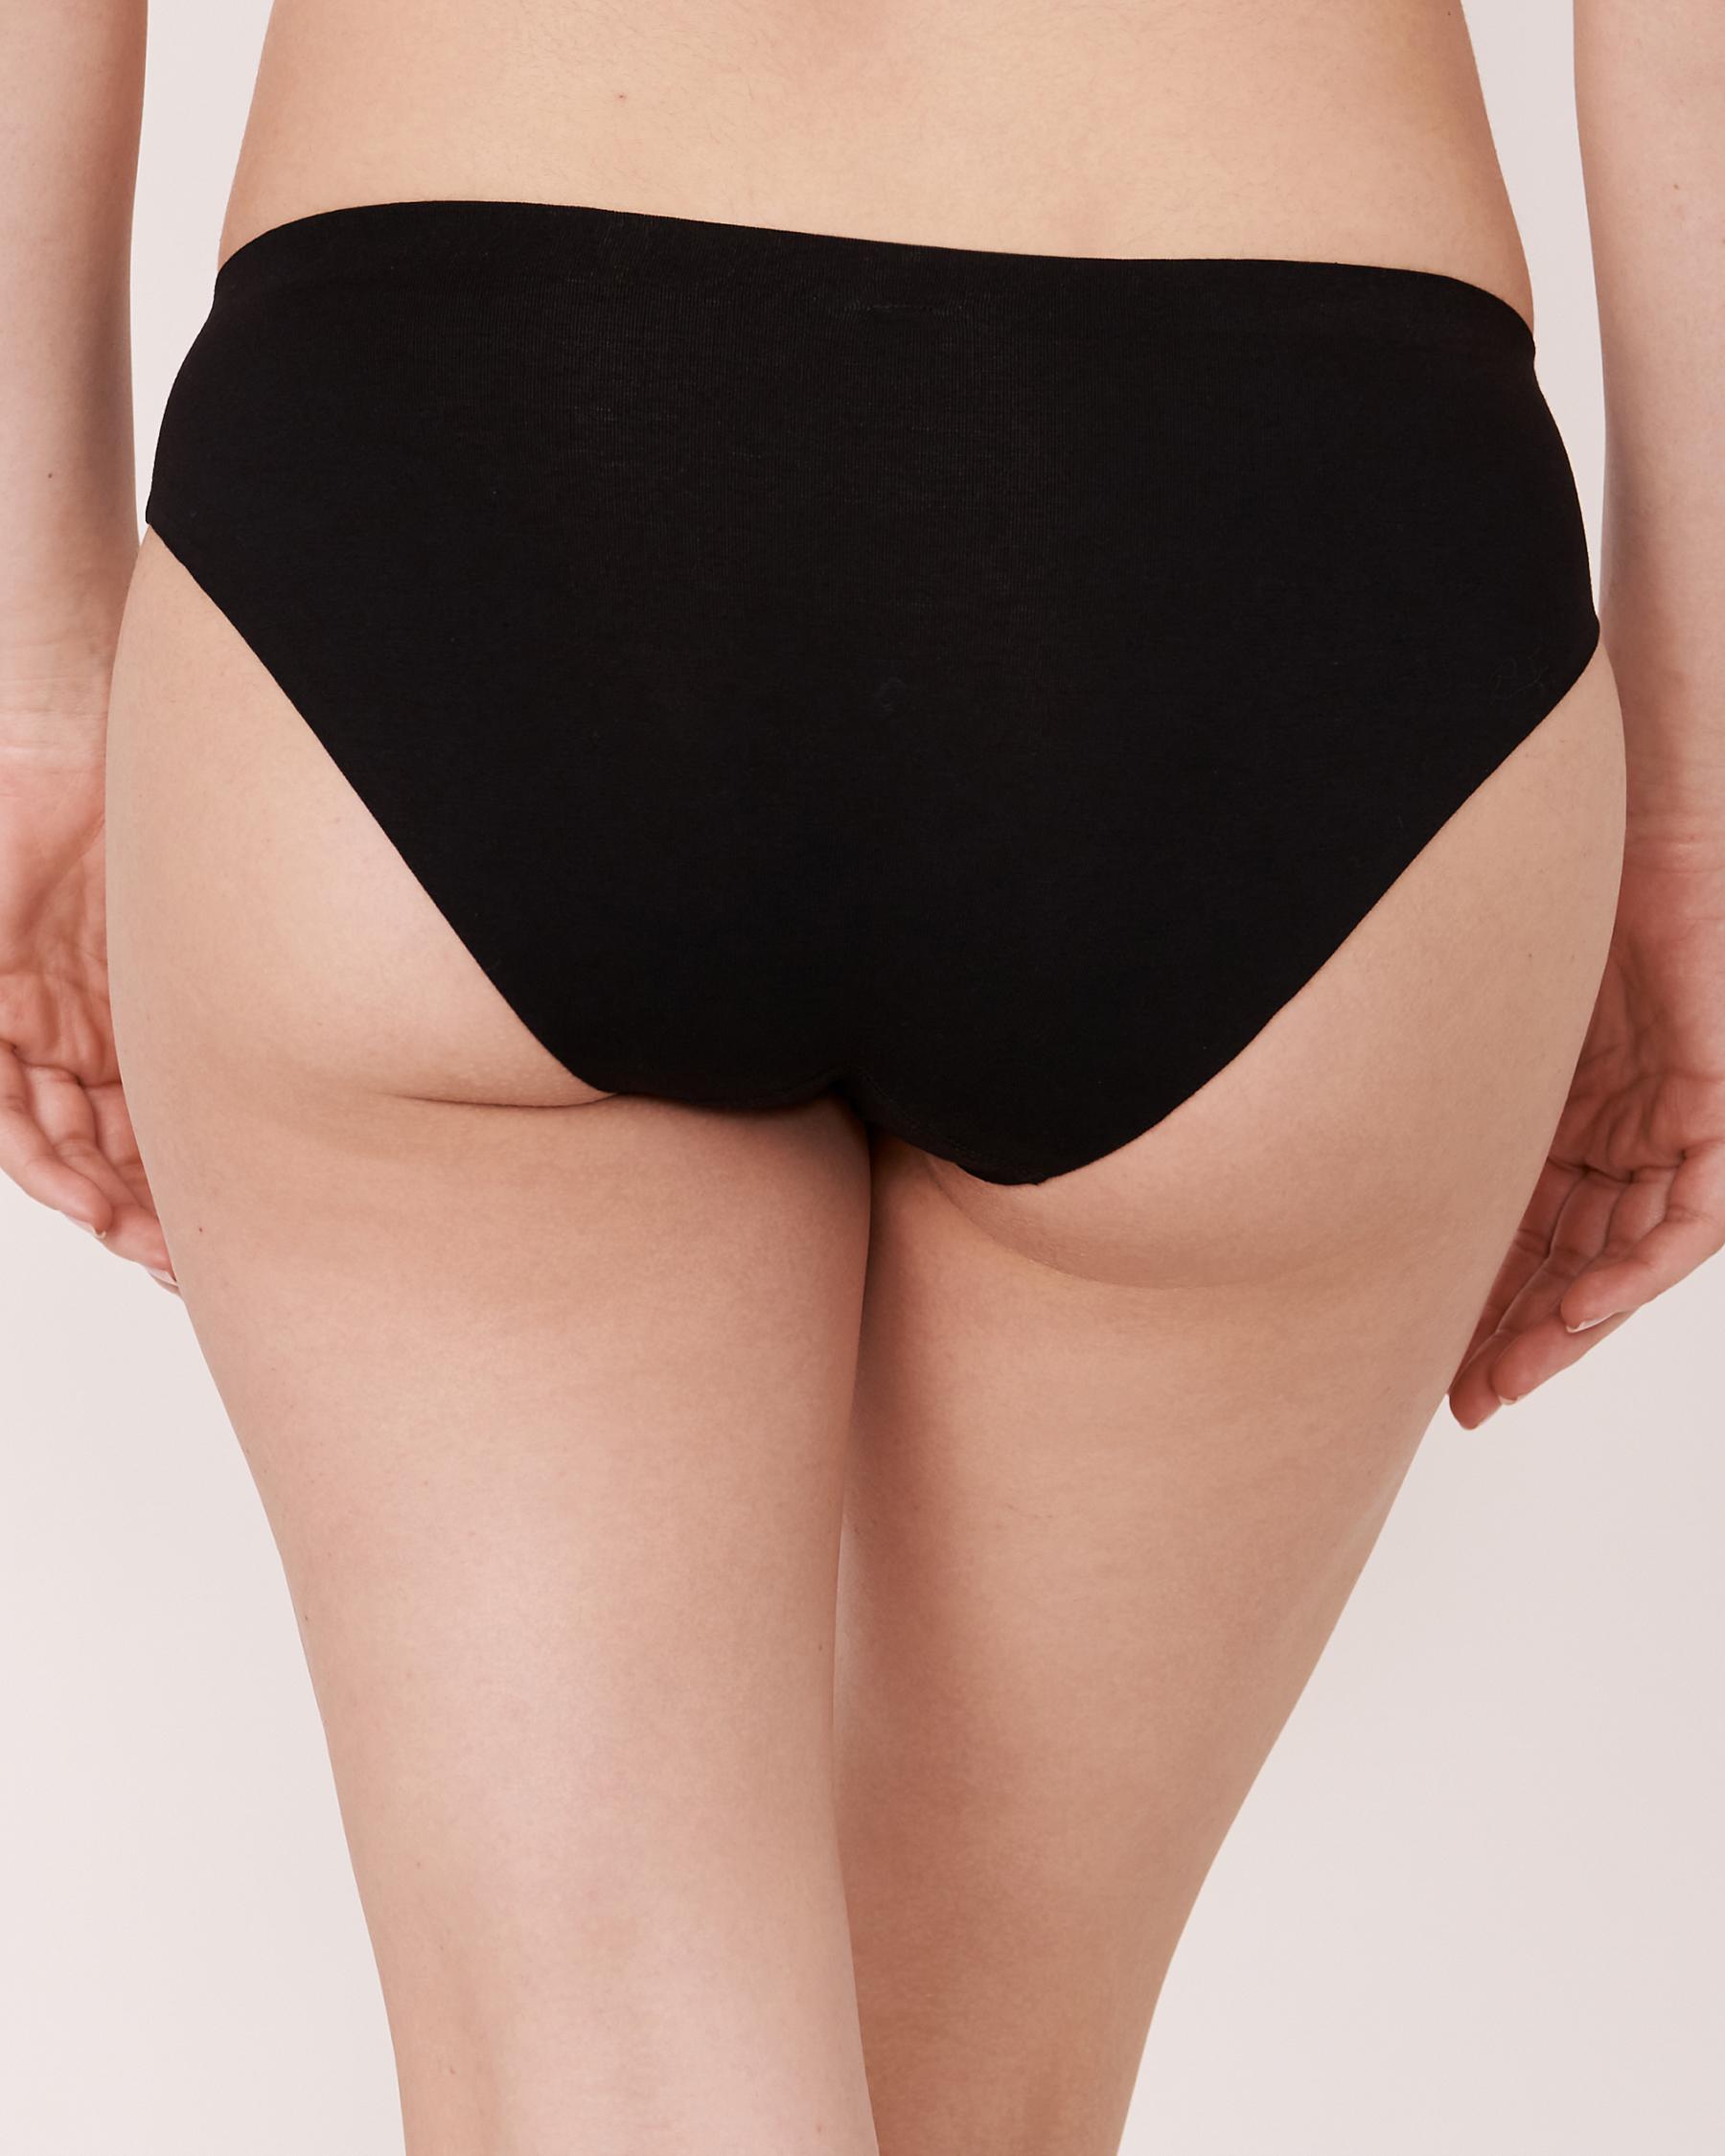 LA VIE EN ROSE Bikini Panty Black 20200061 - View2